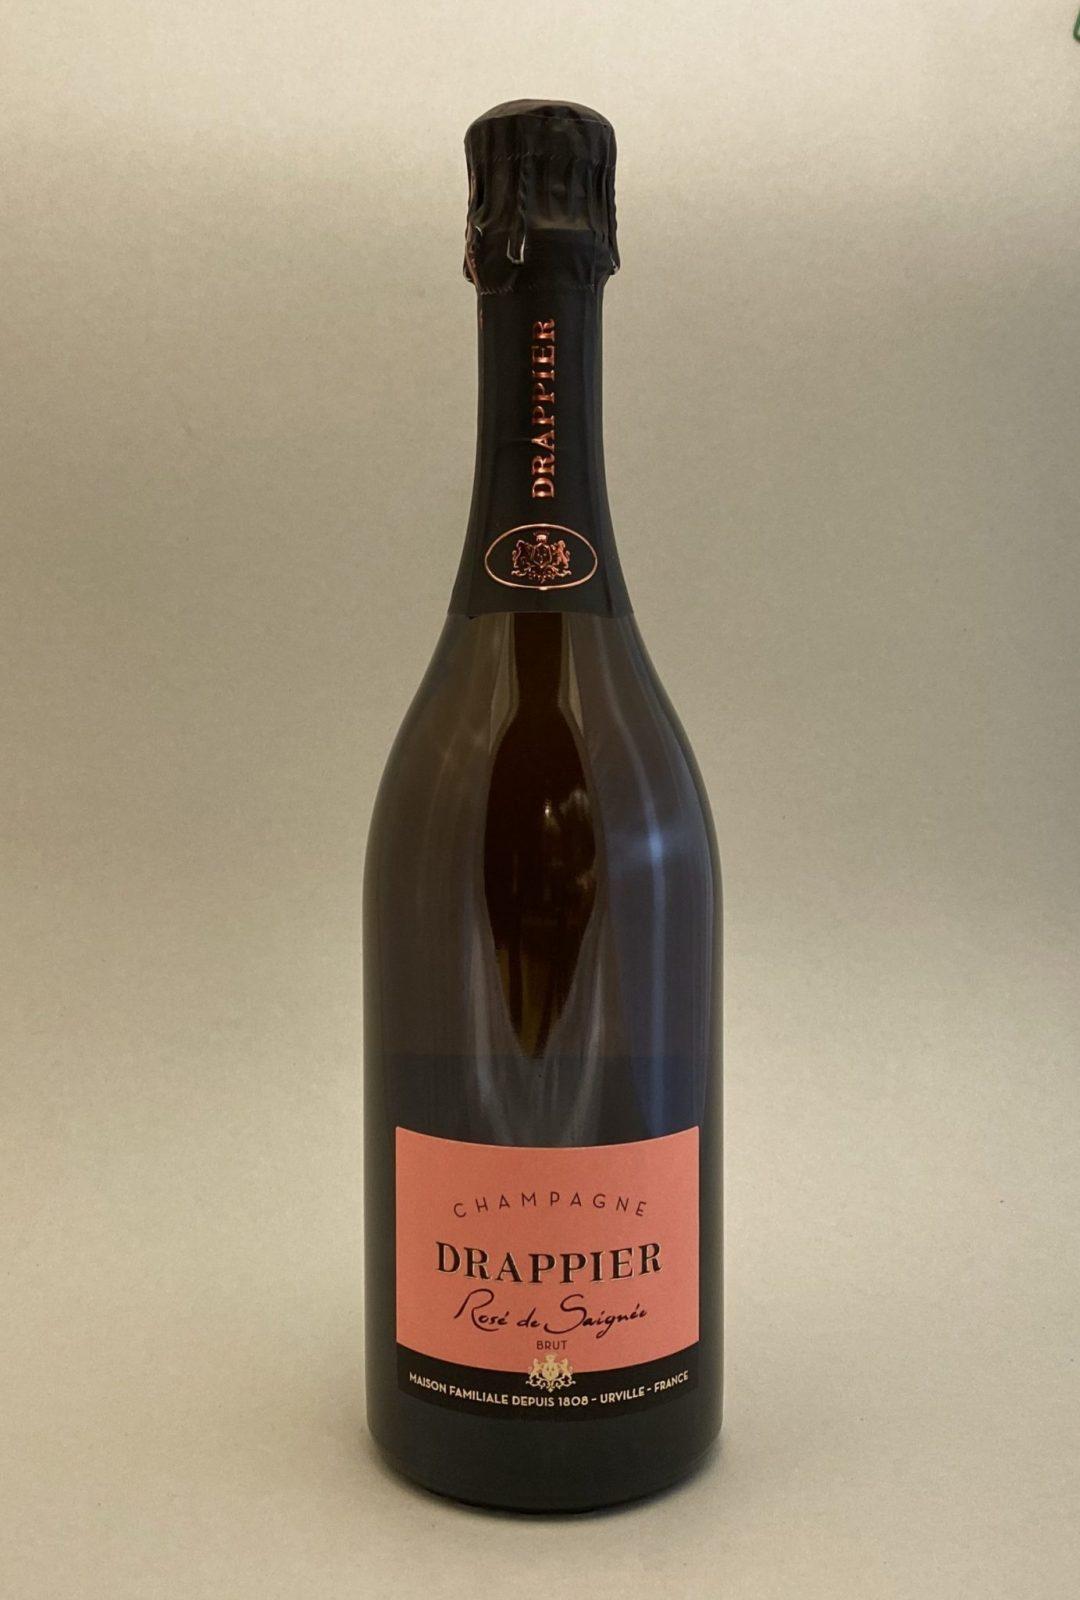 DRAPPIER Rosé Champagne Brut, Bulbinkove vino, vinotéka Bratislava Slnecnice, Sunnywines, rozvoz vina, winebar, Pripime si štýlovo na nový rok 2021, čo sa hodí na nezabudnuteľný prípitok, vinoteka Sunnywines, Champagne